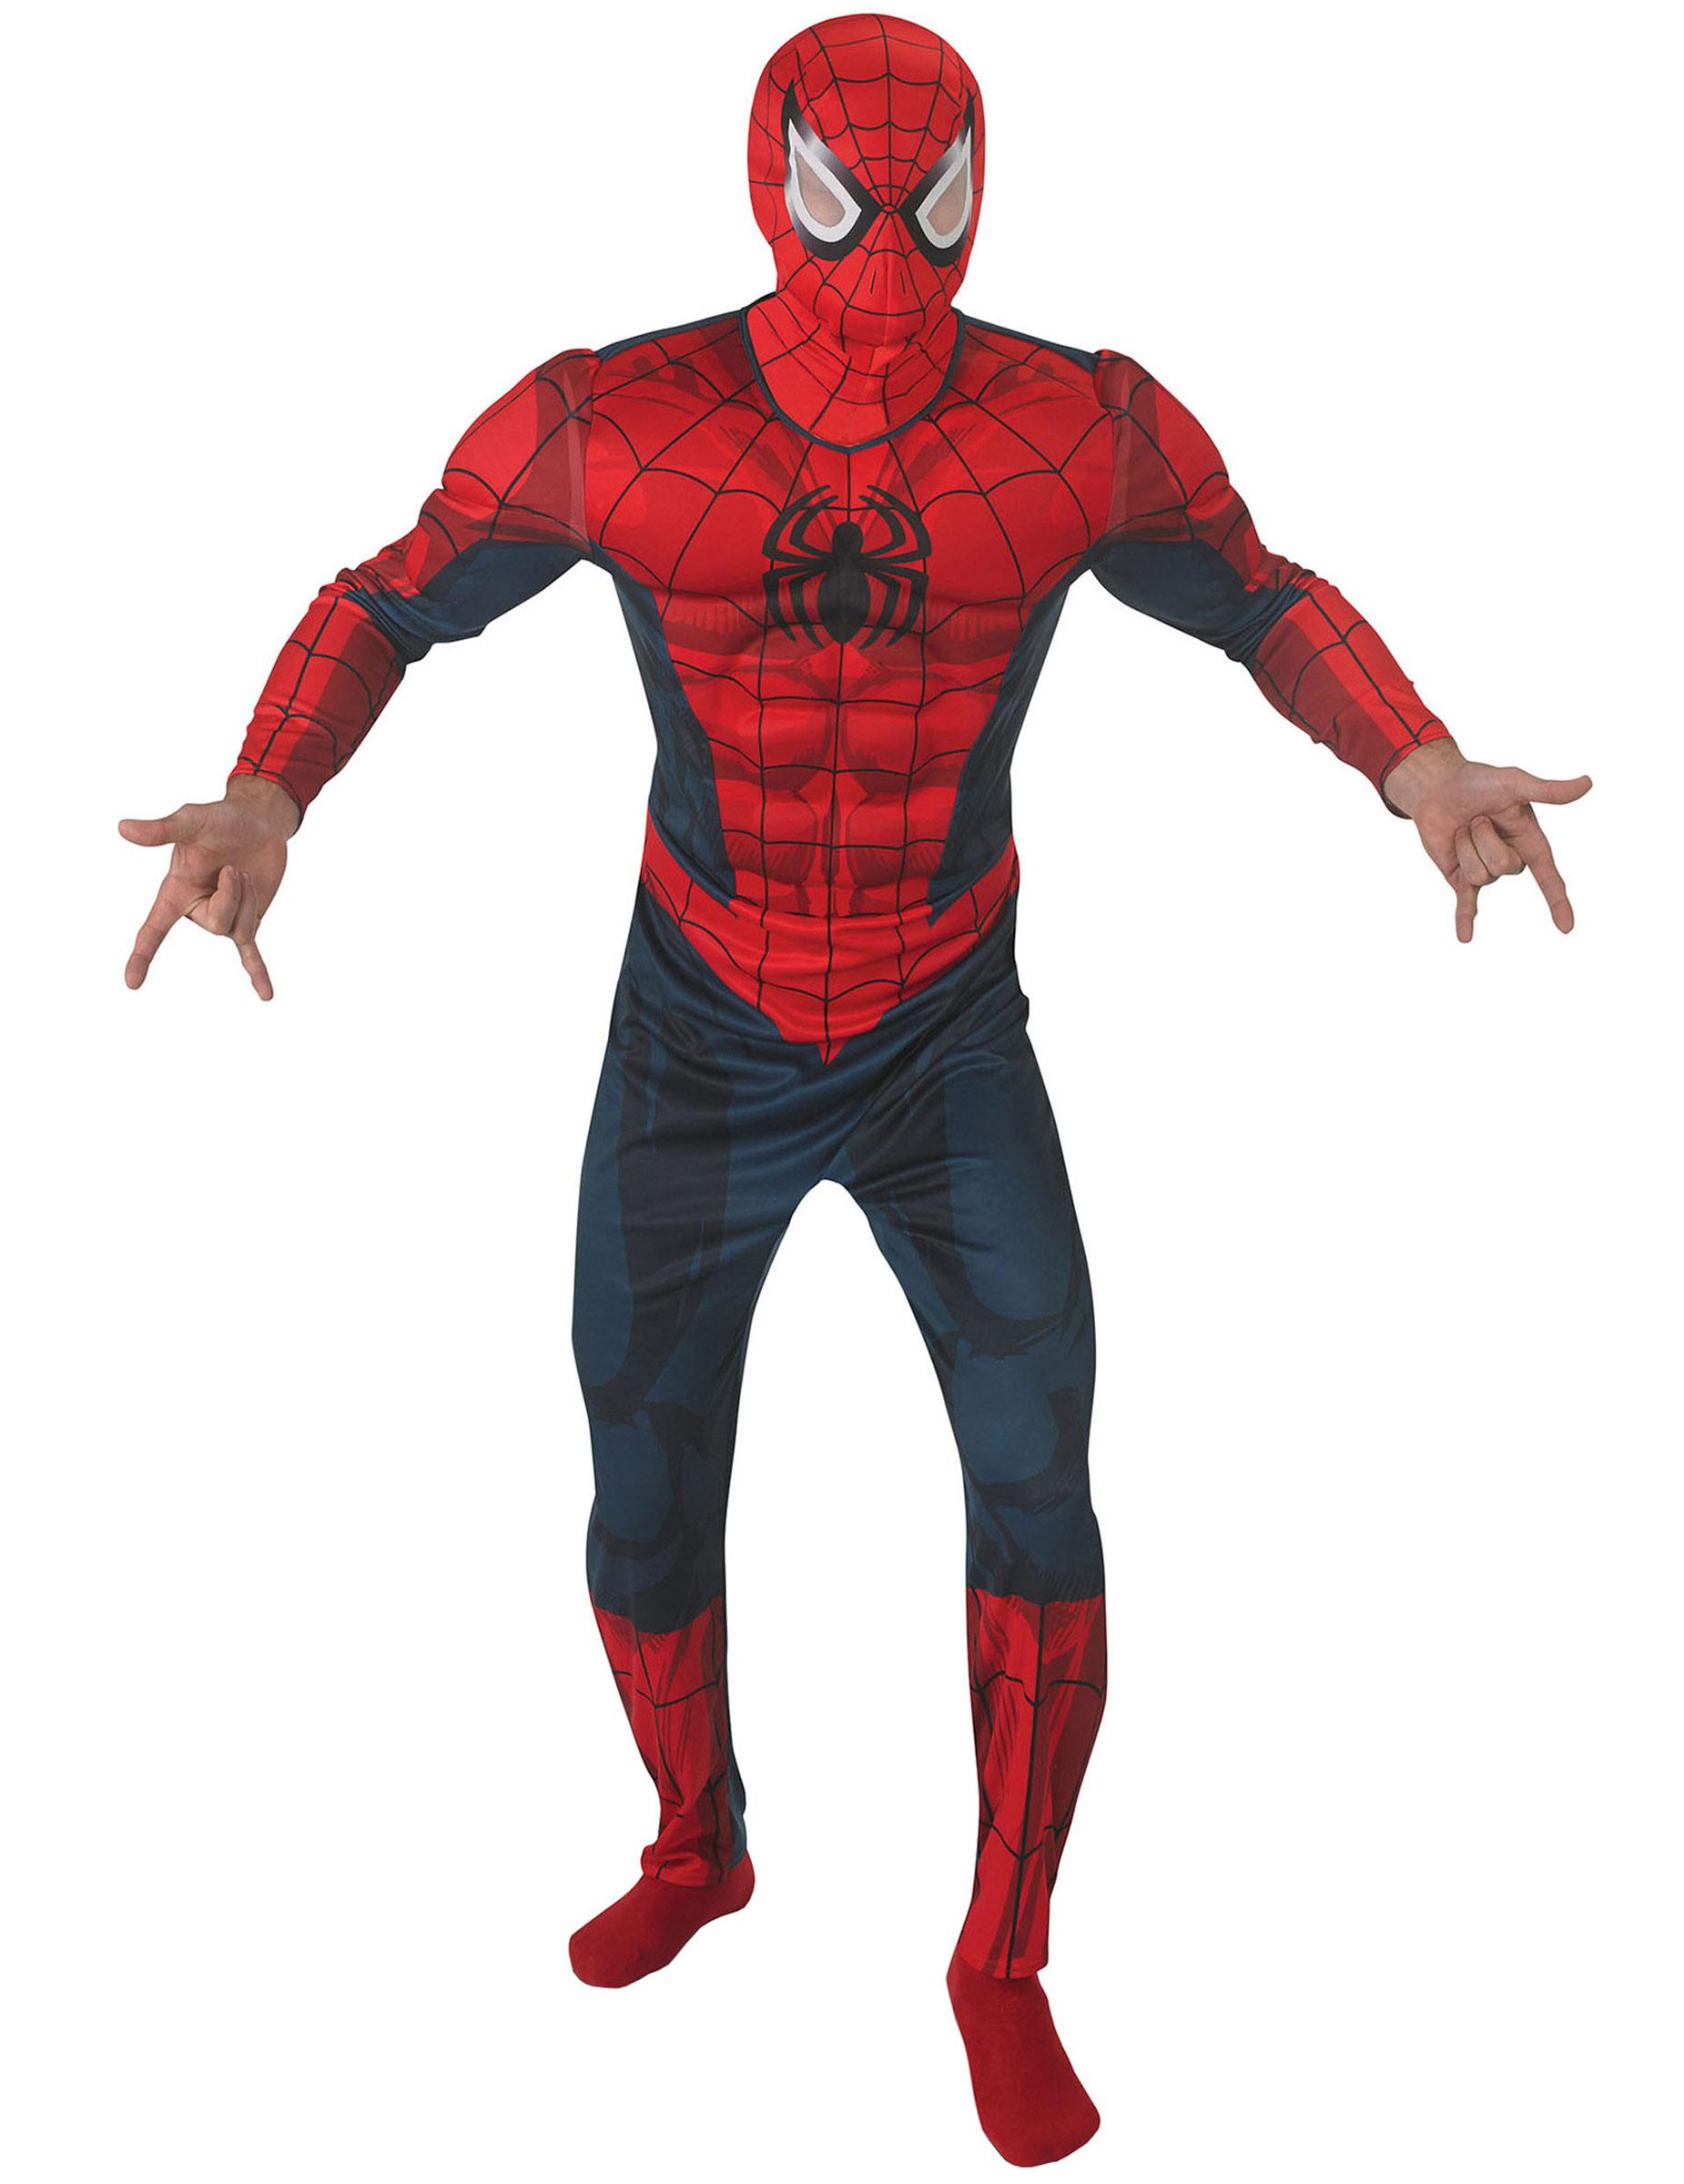 d guisement spider man marvel universe adulte deguise toi achat de d guisements adultes. Black Bedroom Furniture Sets. Home Design Ideas